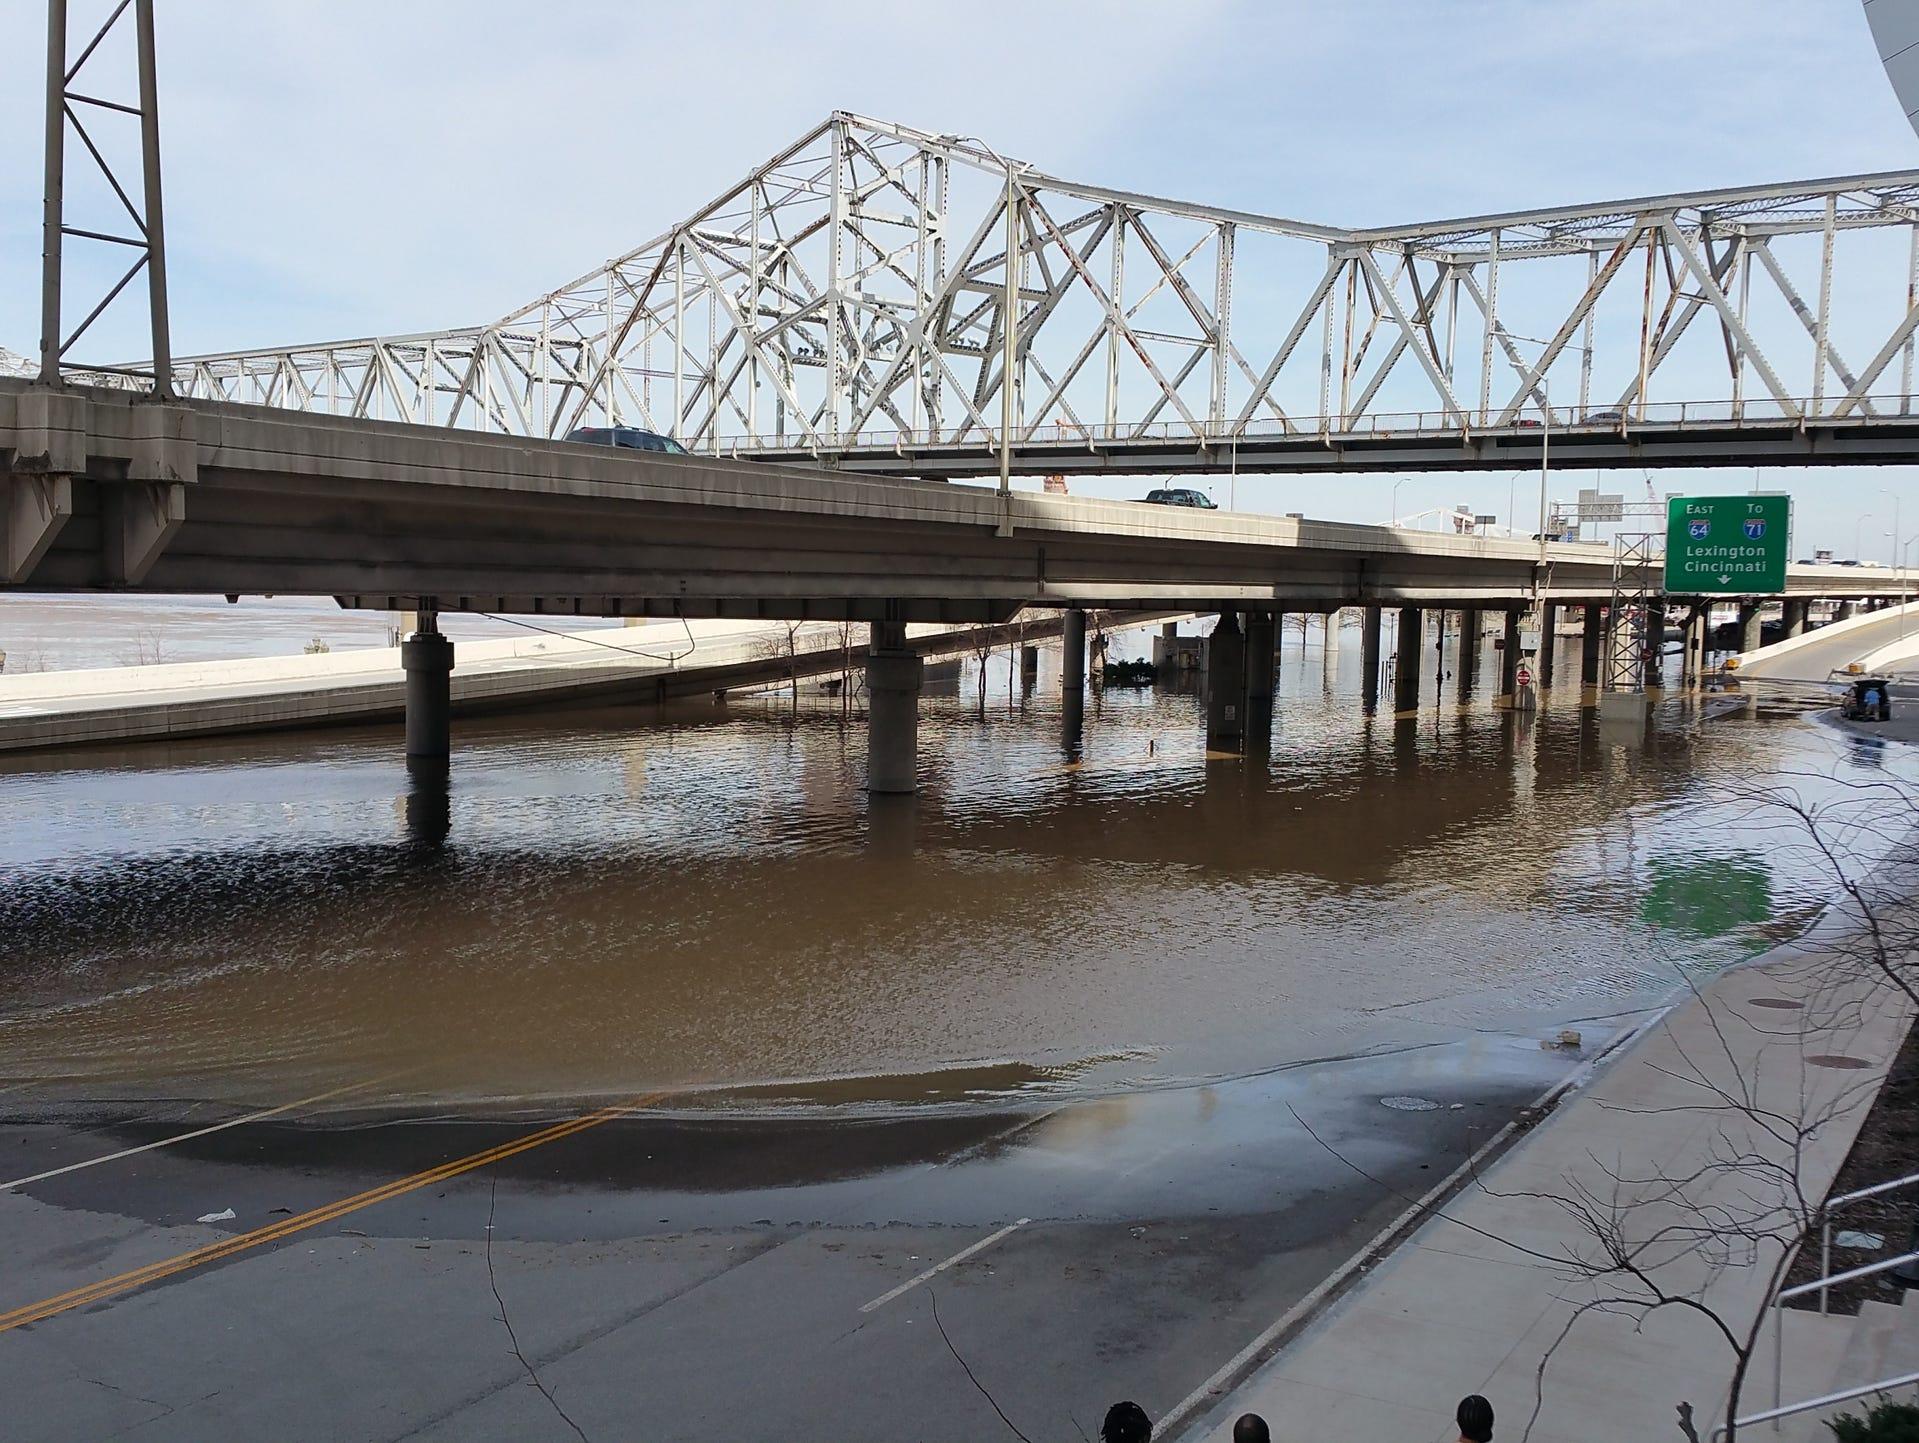 Flood waters in Downtown Louisville